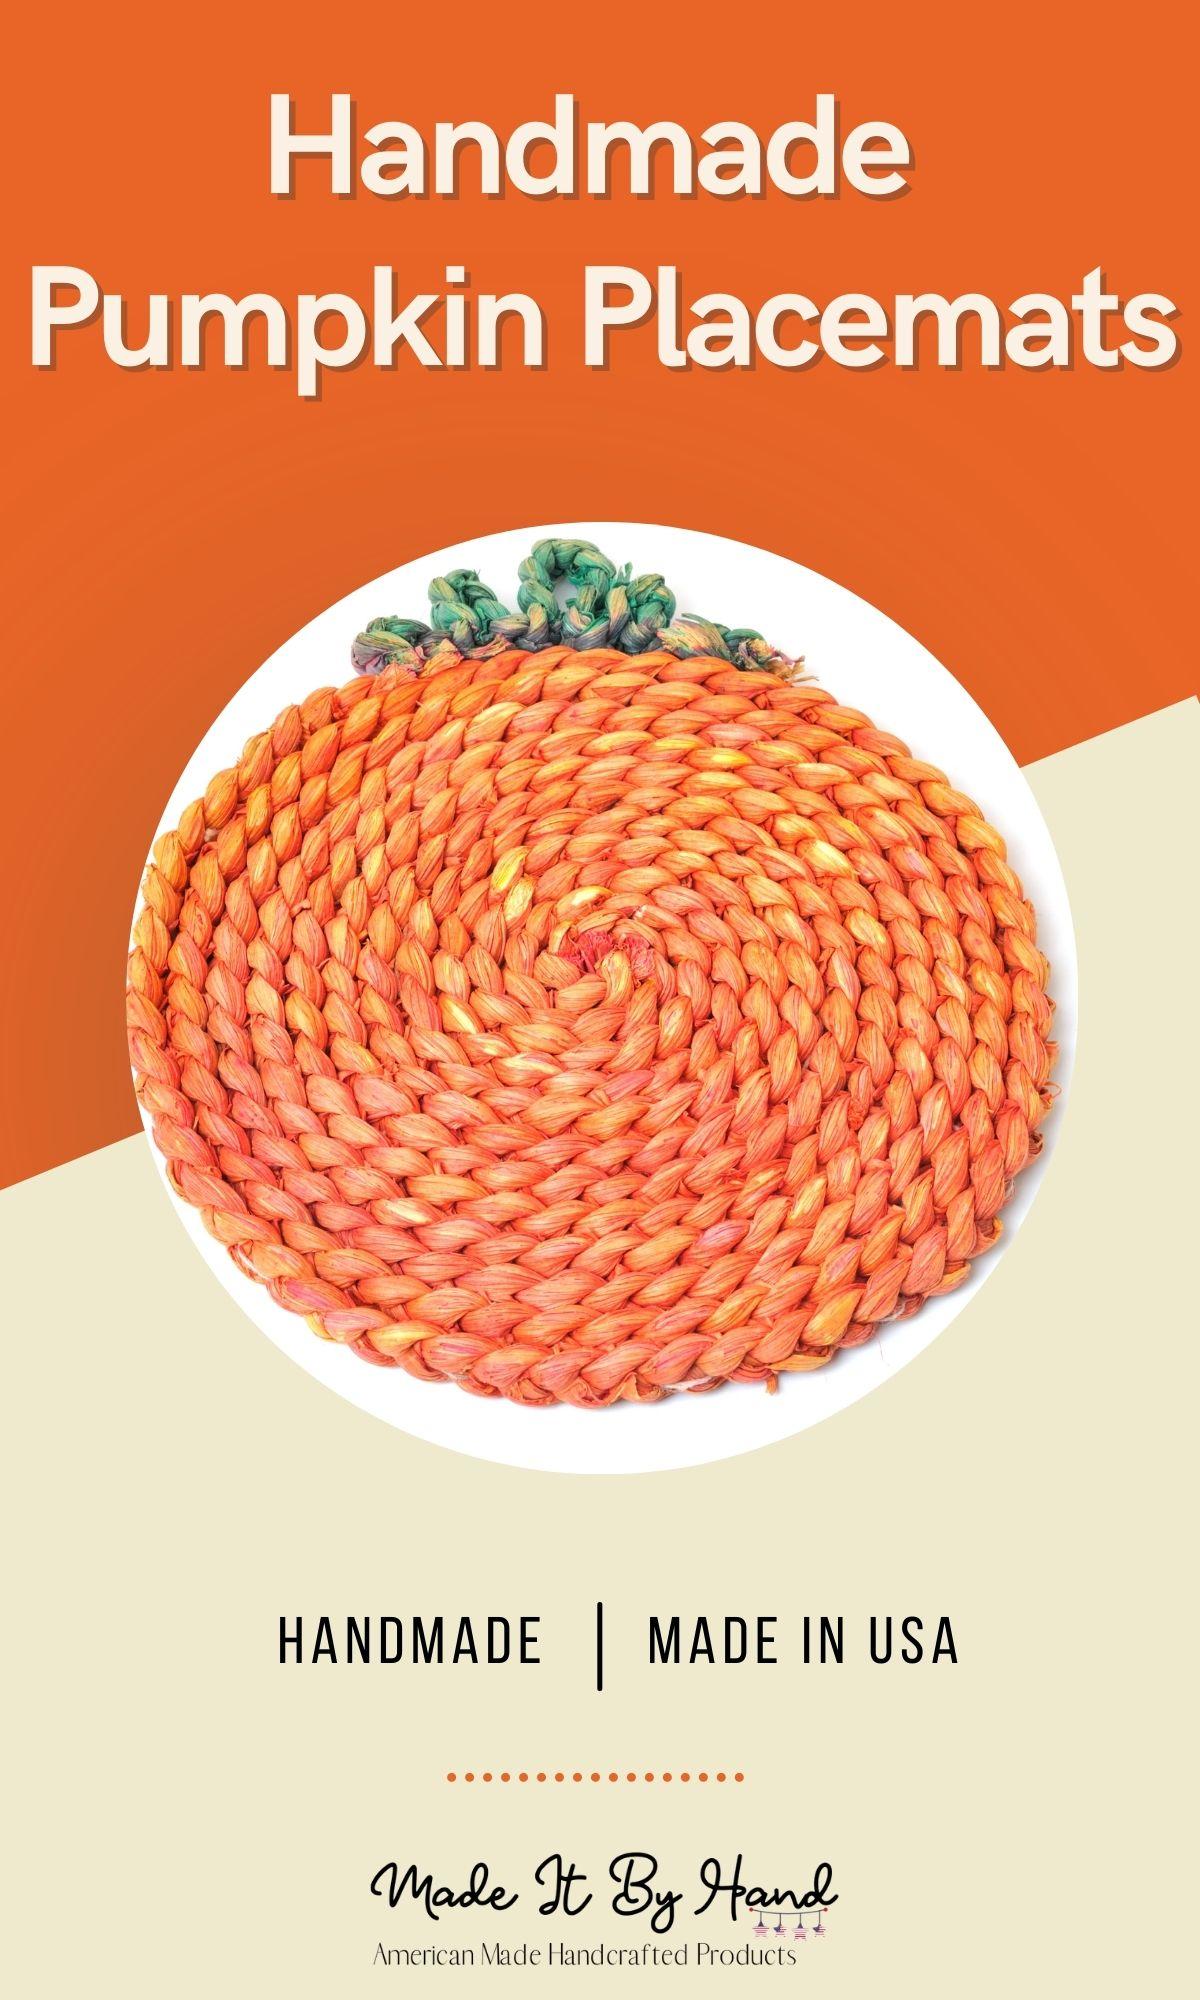 Handmade pumpkin placemats